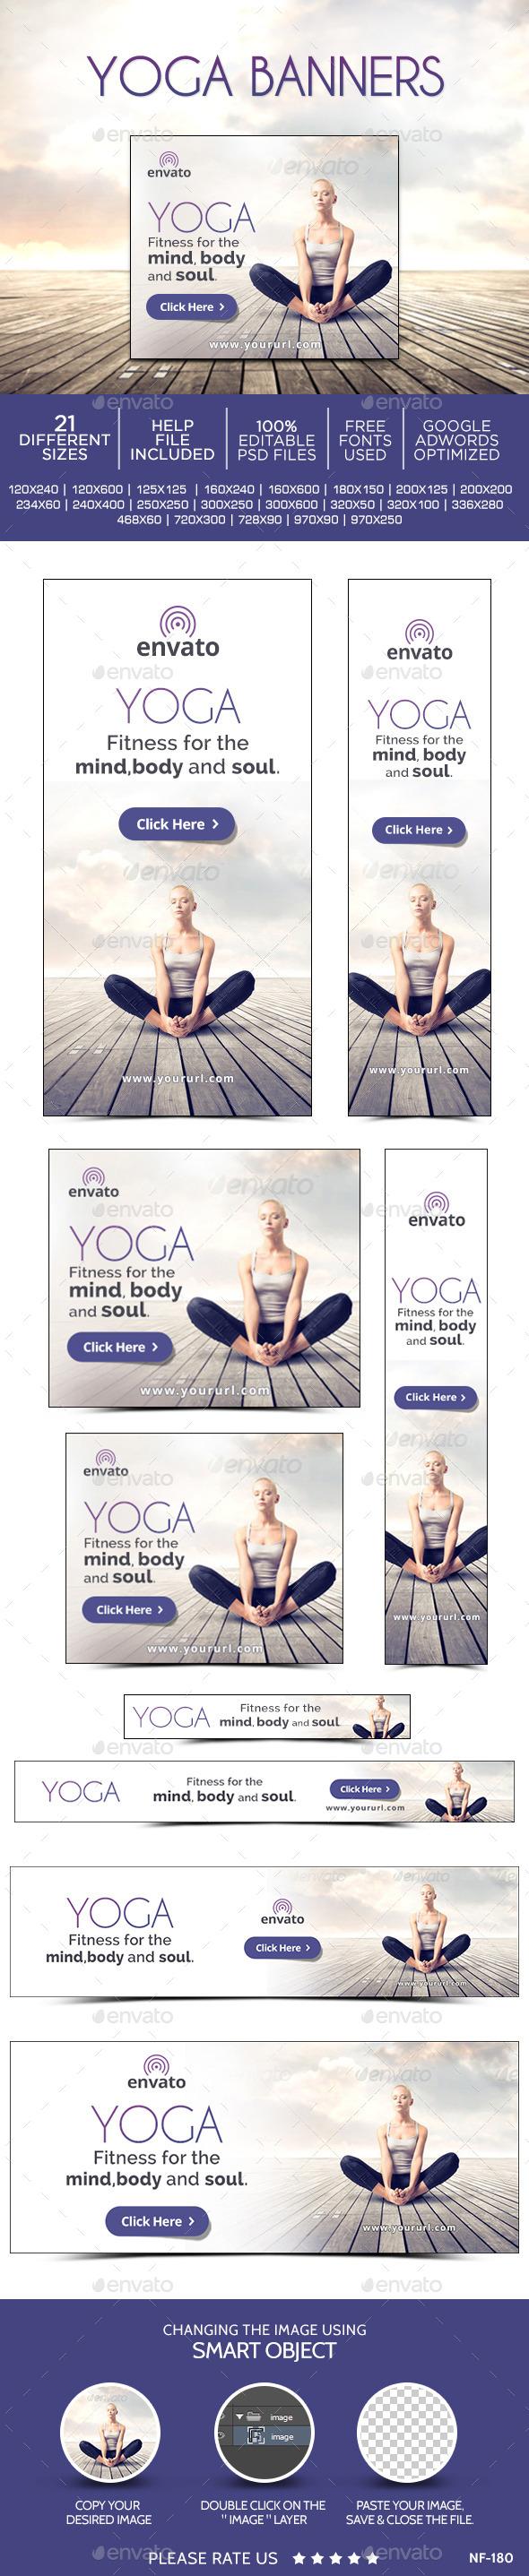 Yoga Banners | Diseño de folletos, Tríptico y Folletos